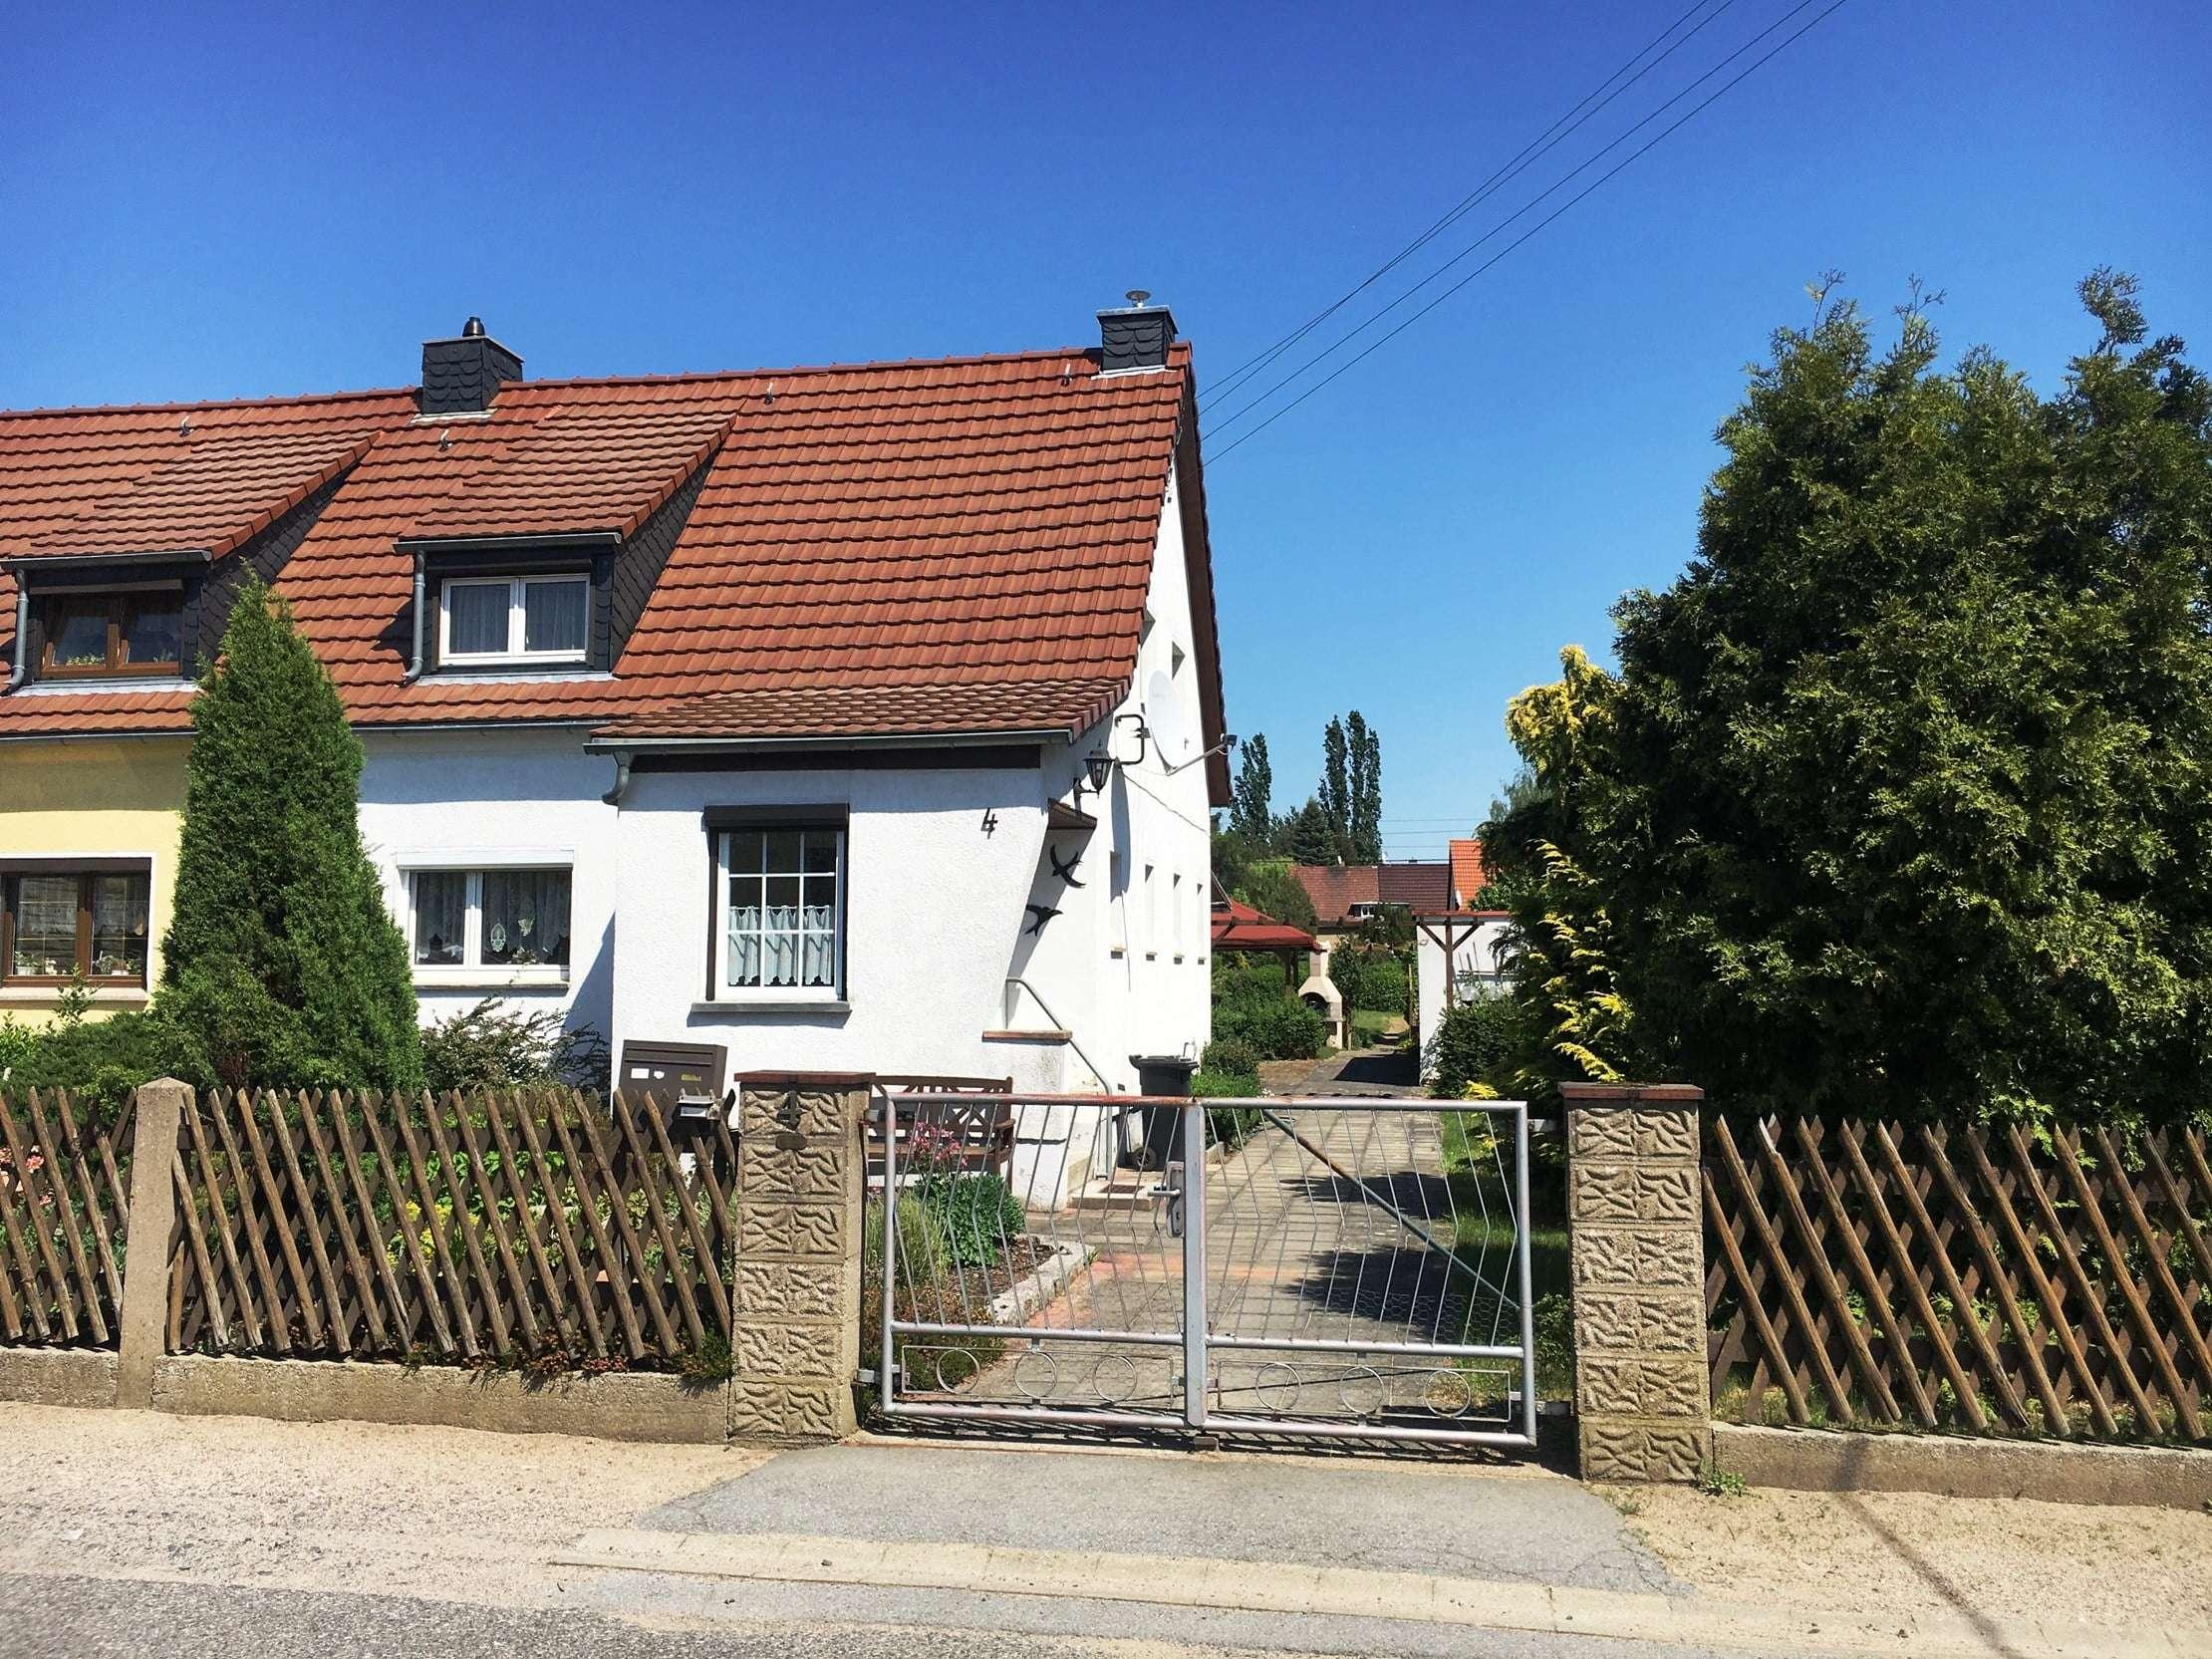 kompaktes Eigenheim mit solider Grundsubstanz in gefragter Wohnlage - Haus zum Kauf in Weinböhla